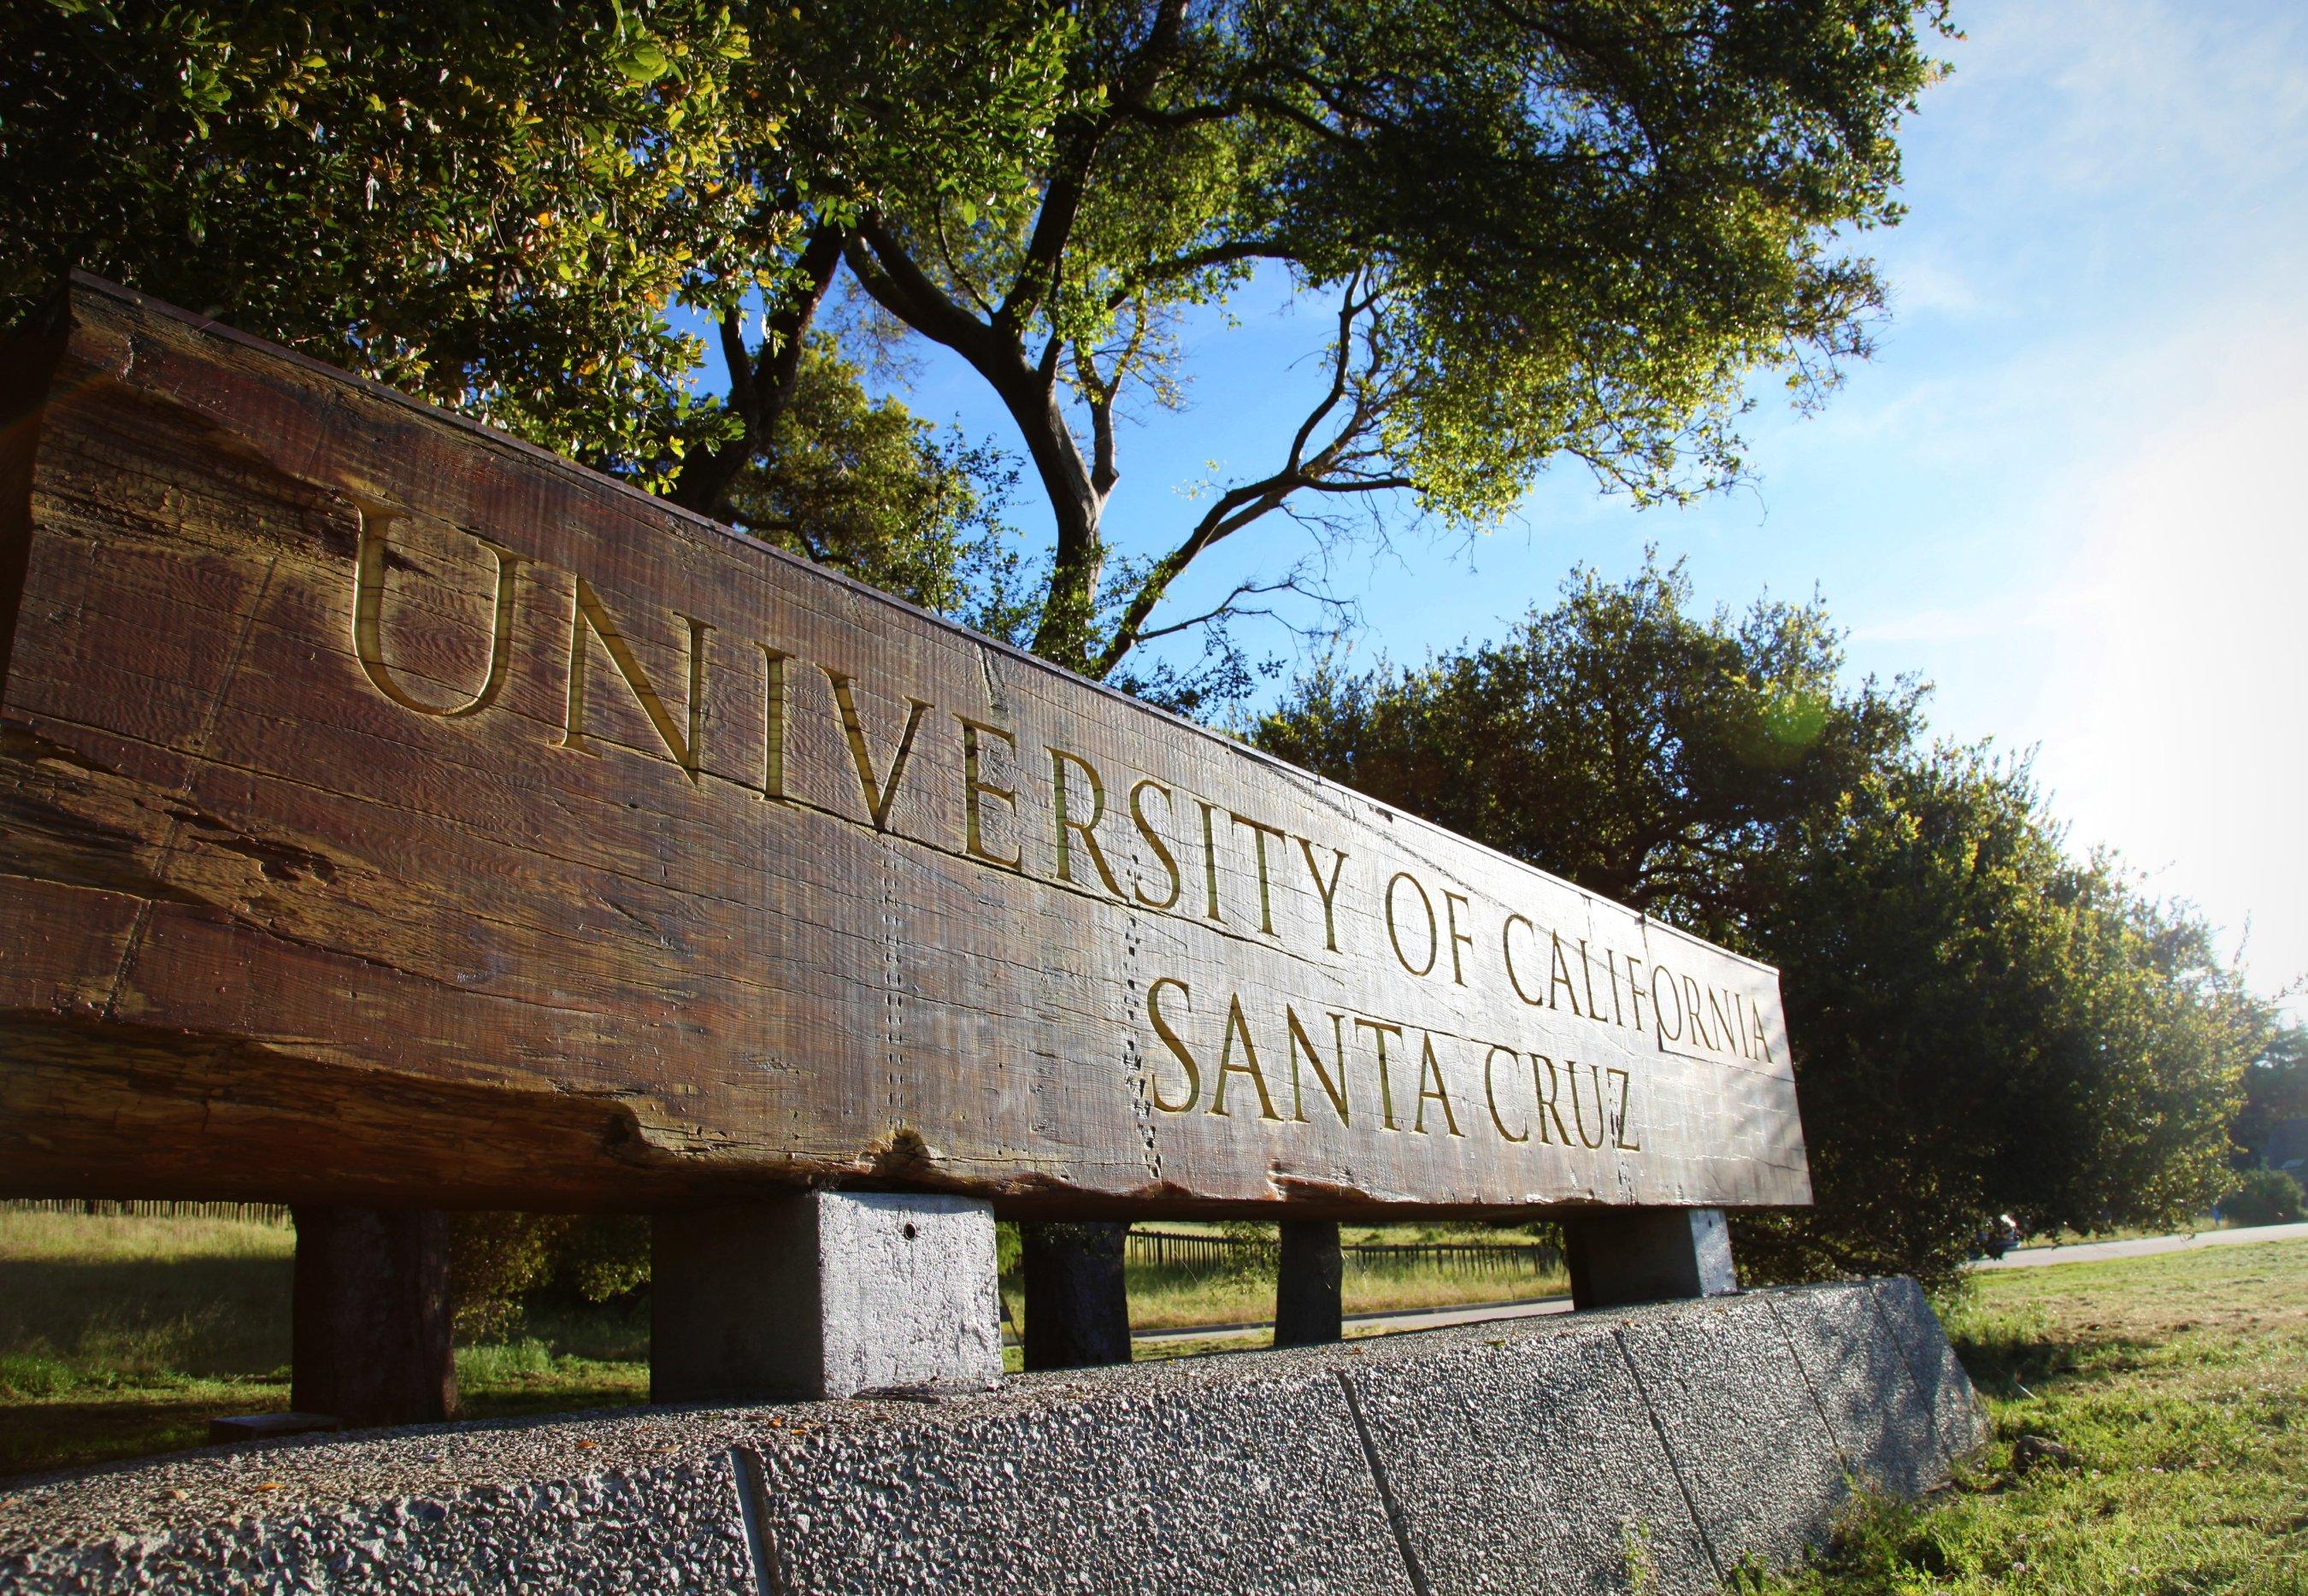 Entrance sign at UC Santa Cruz